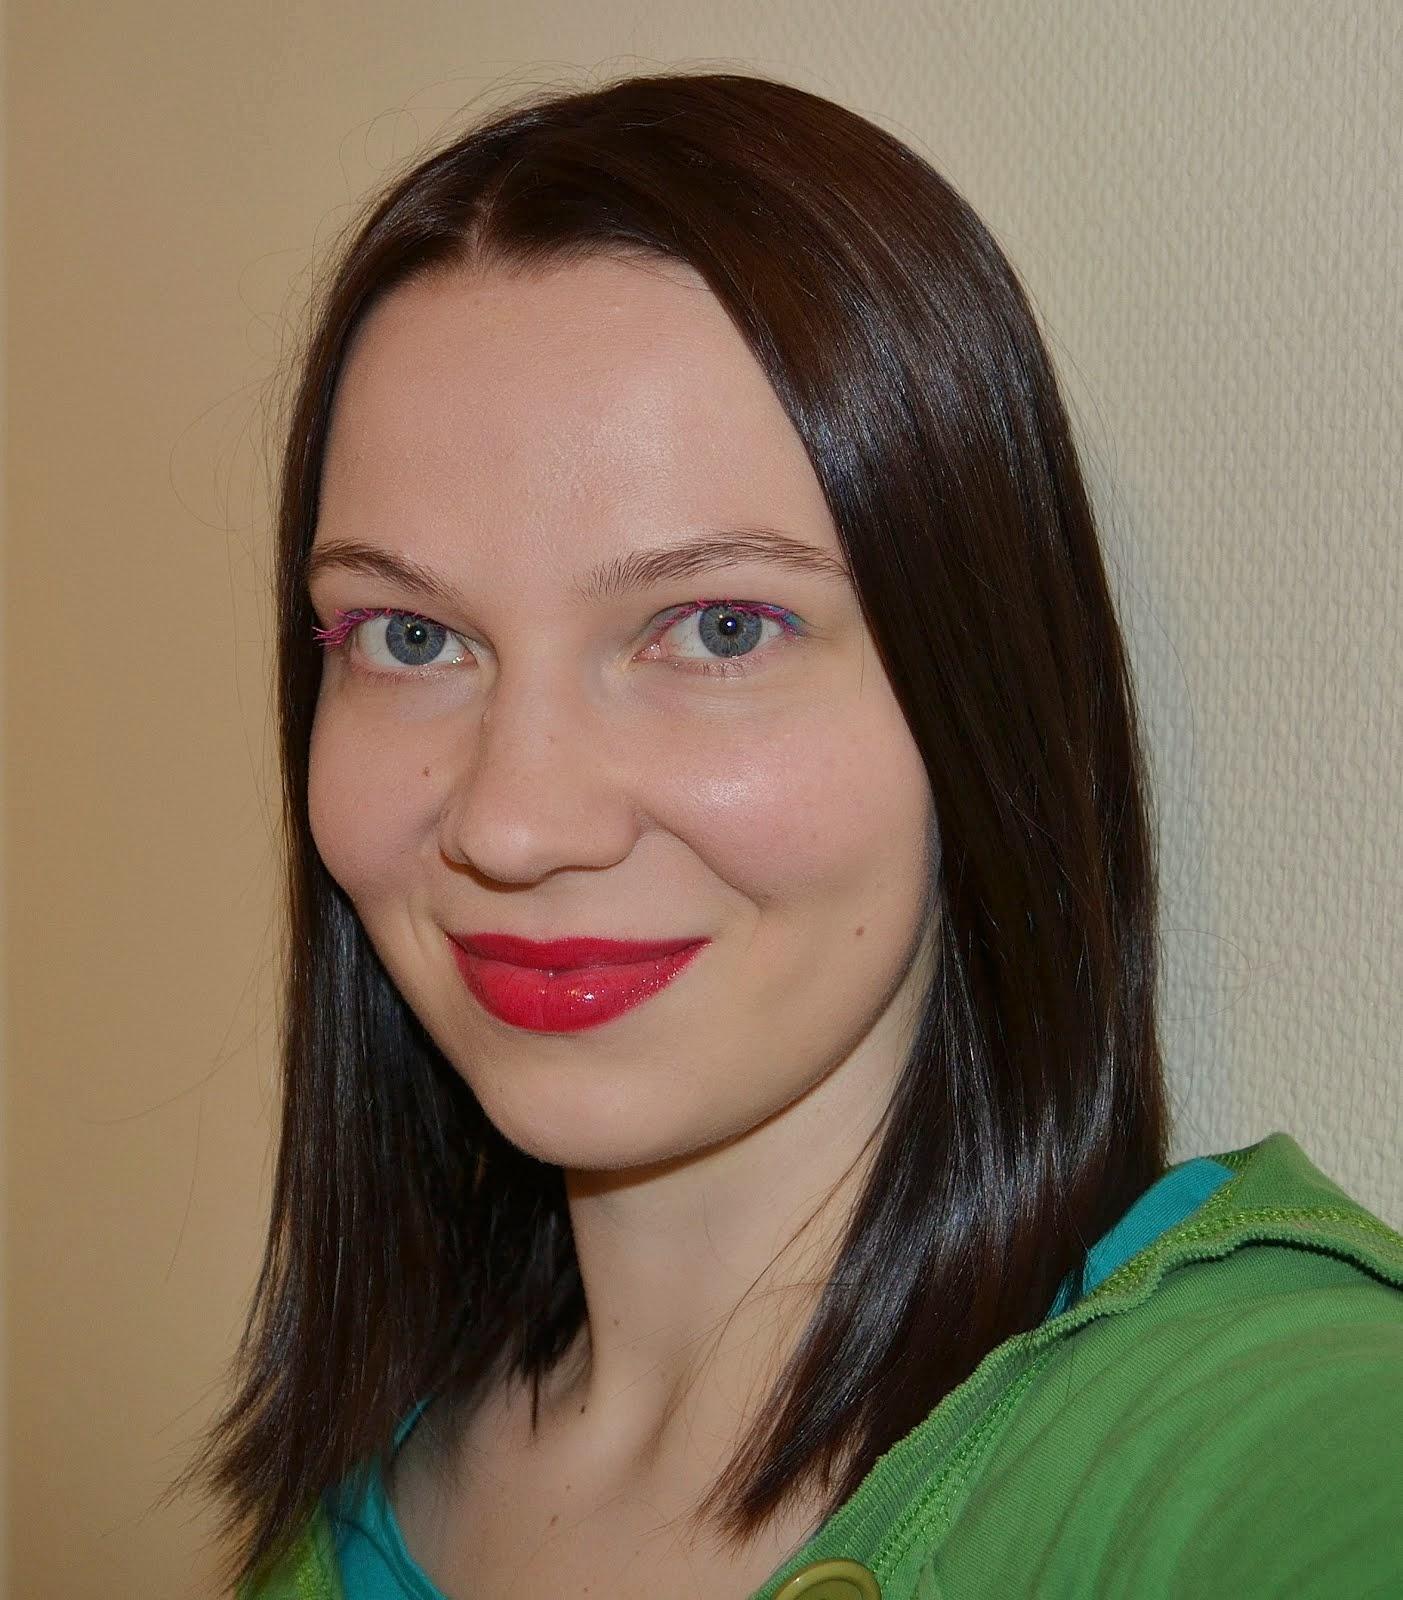 Parturi-kampaaja Vivi Wallenius